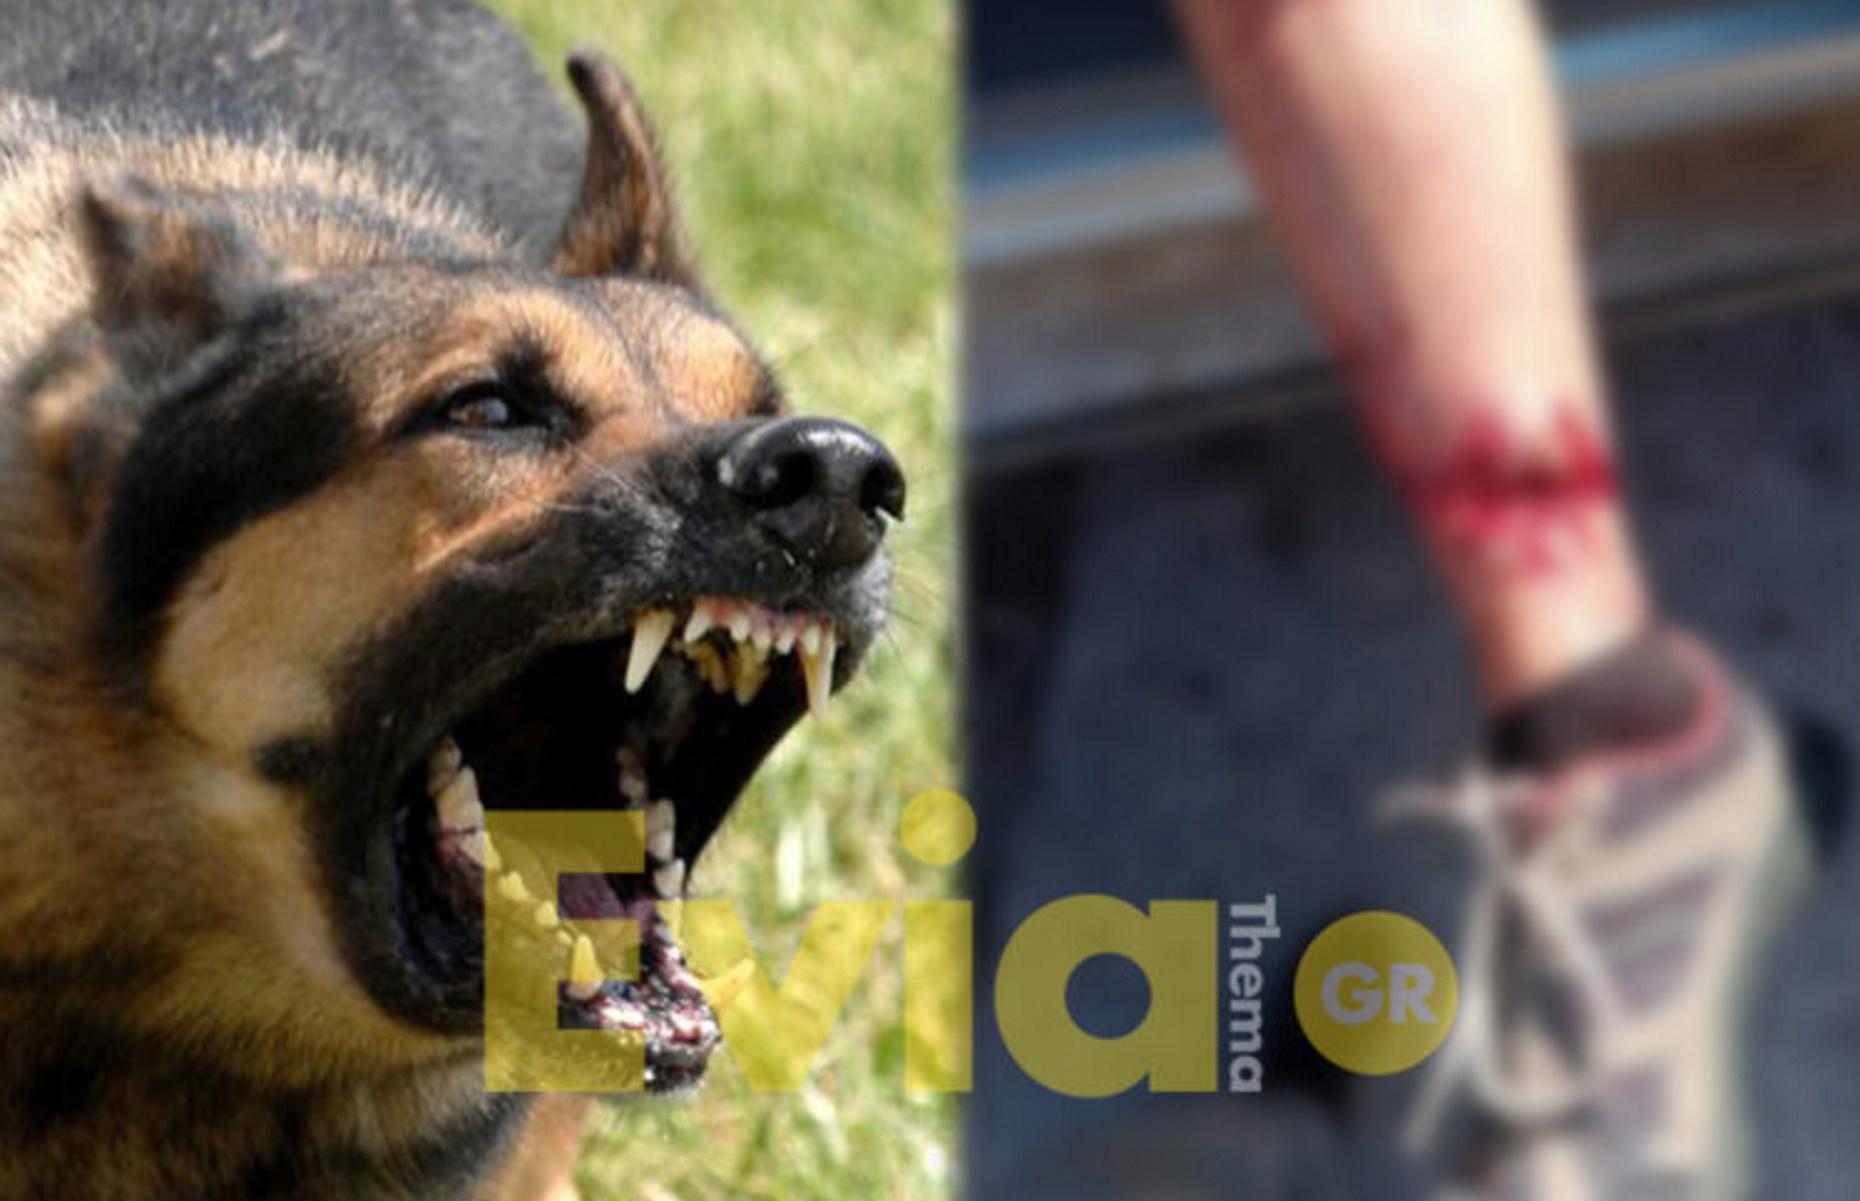 Ερέτρια: 55χρονη δέχθηκε άγρια επίθεση από αδέσποτα και παραλίγο να χάσει το πόδι της (pics)